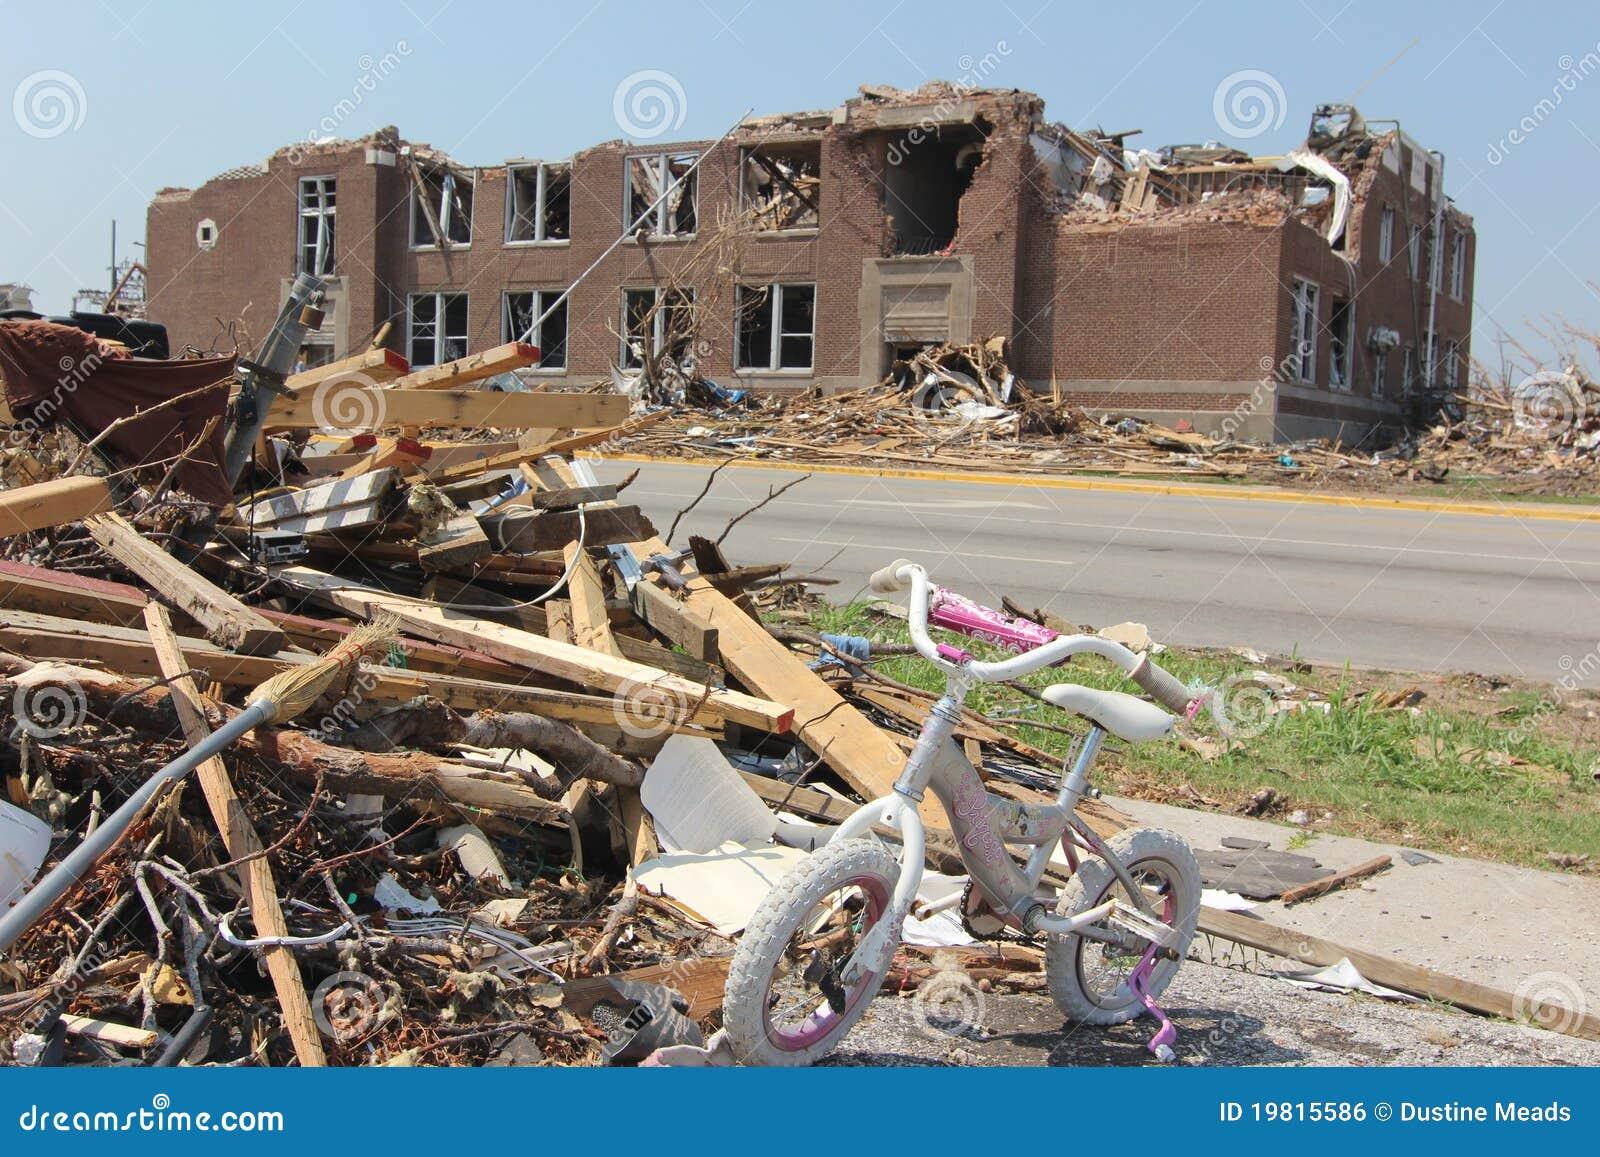 tornado destroyed schools editorial photo image of